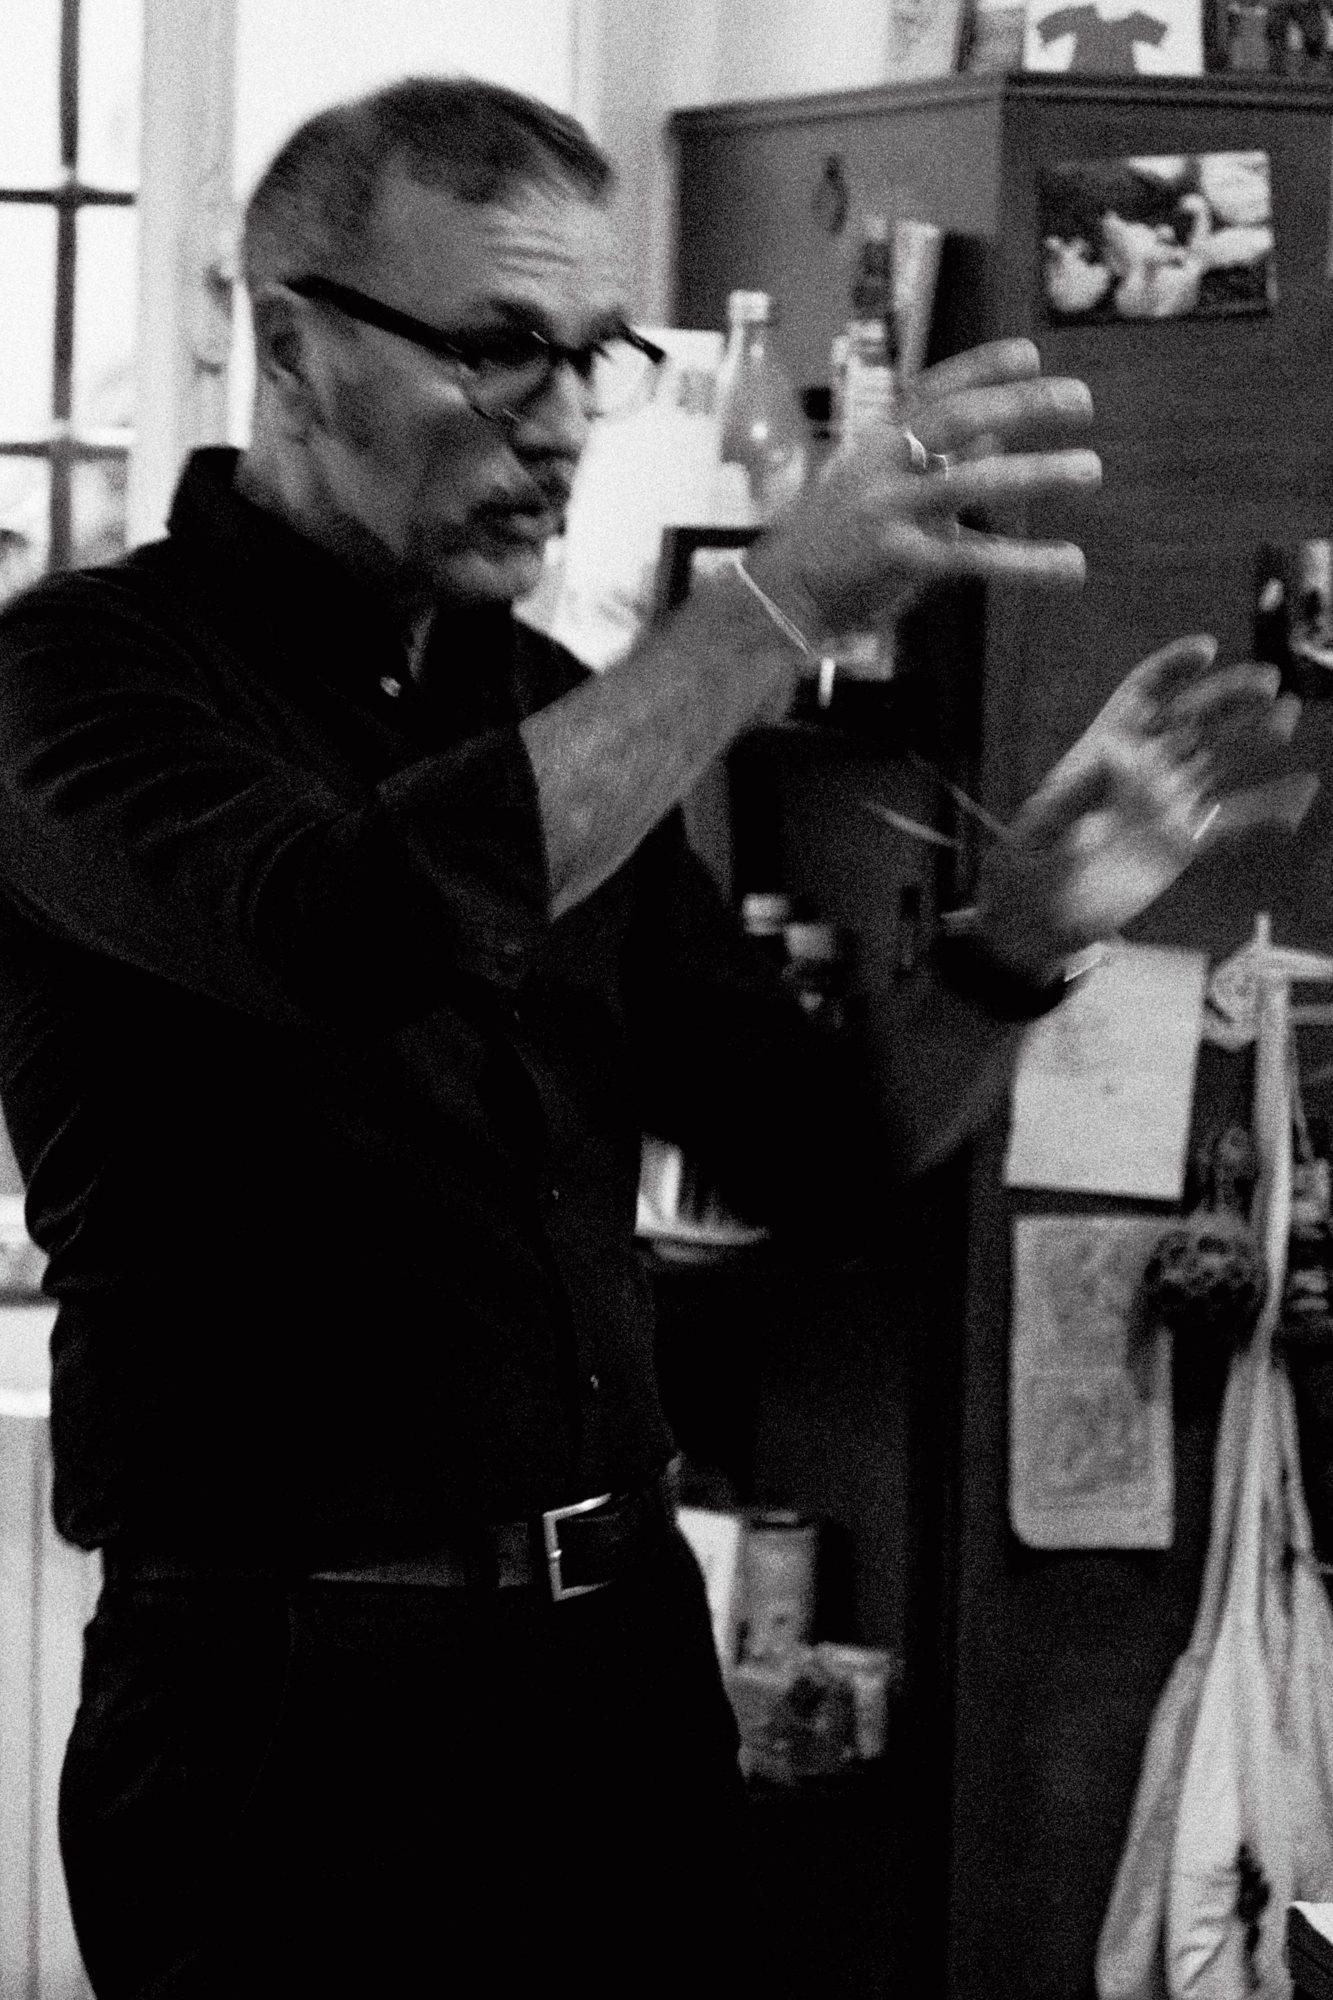 Giampaolo Tomassetti parla con le mani